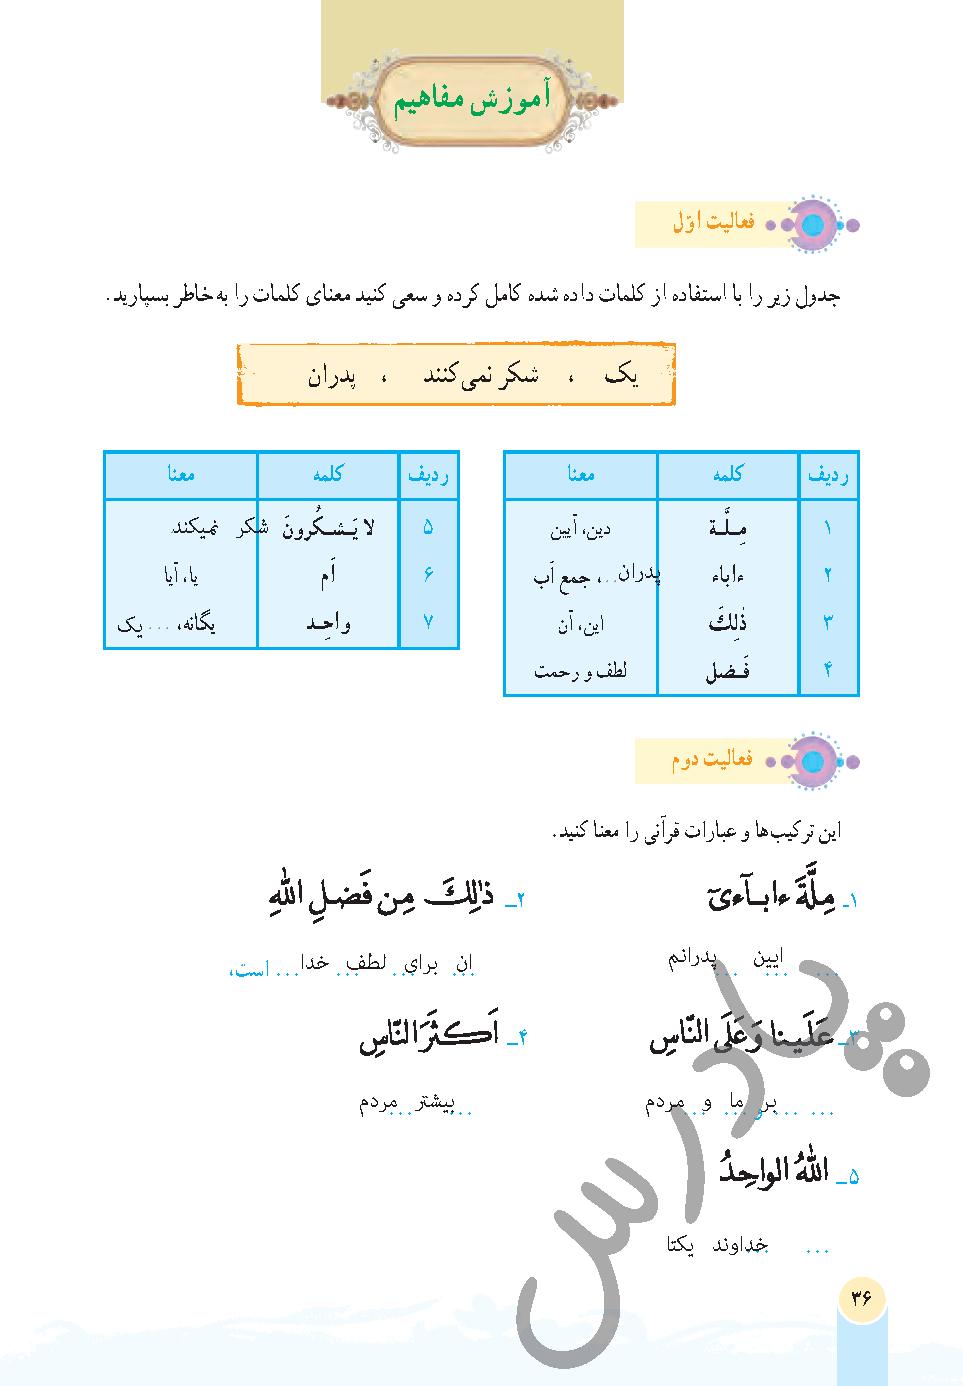 پاسخ فعالیت درس 3 قرآن هفتم - جلسه دوم